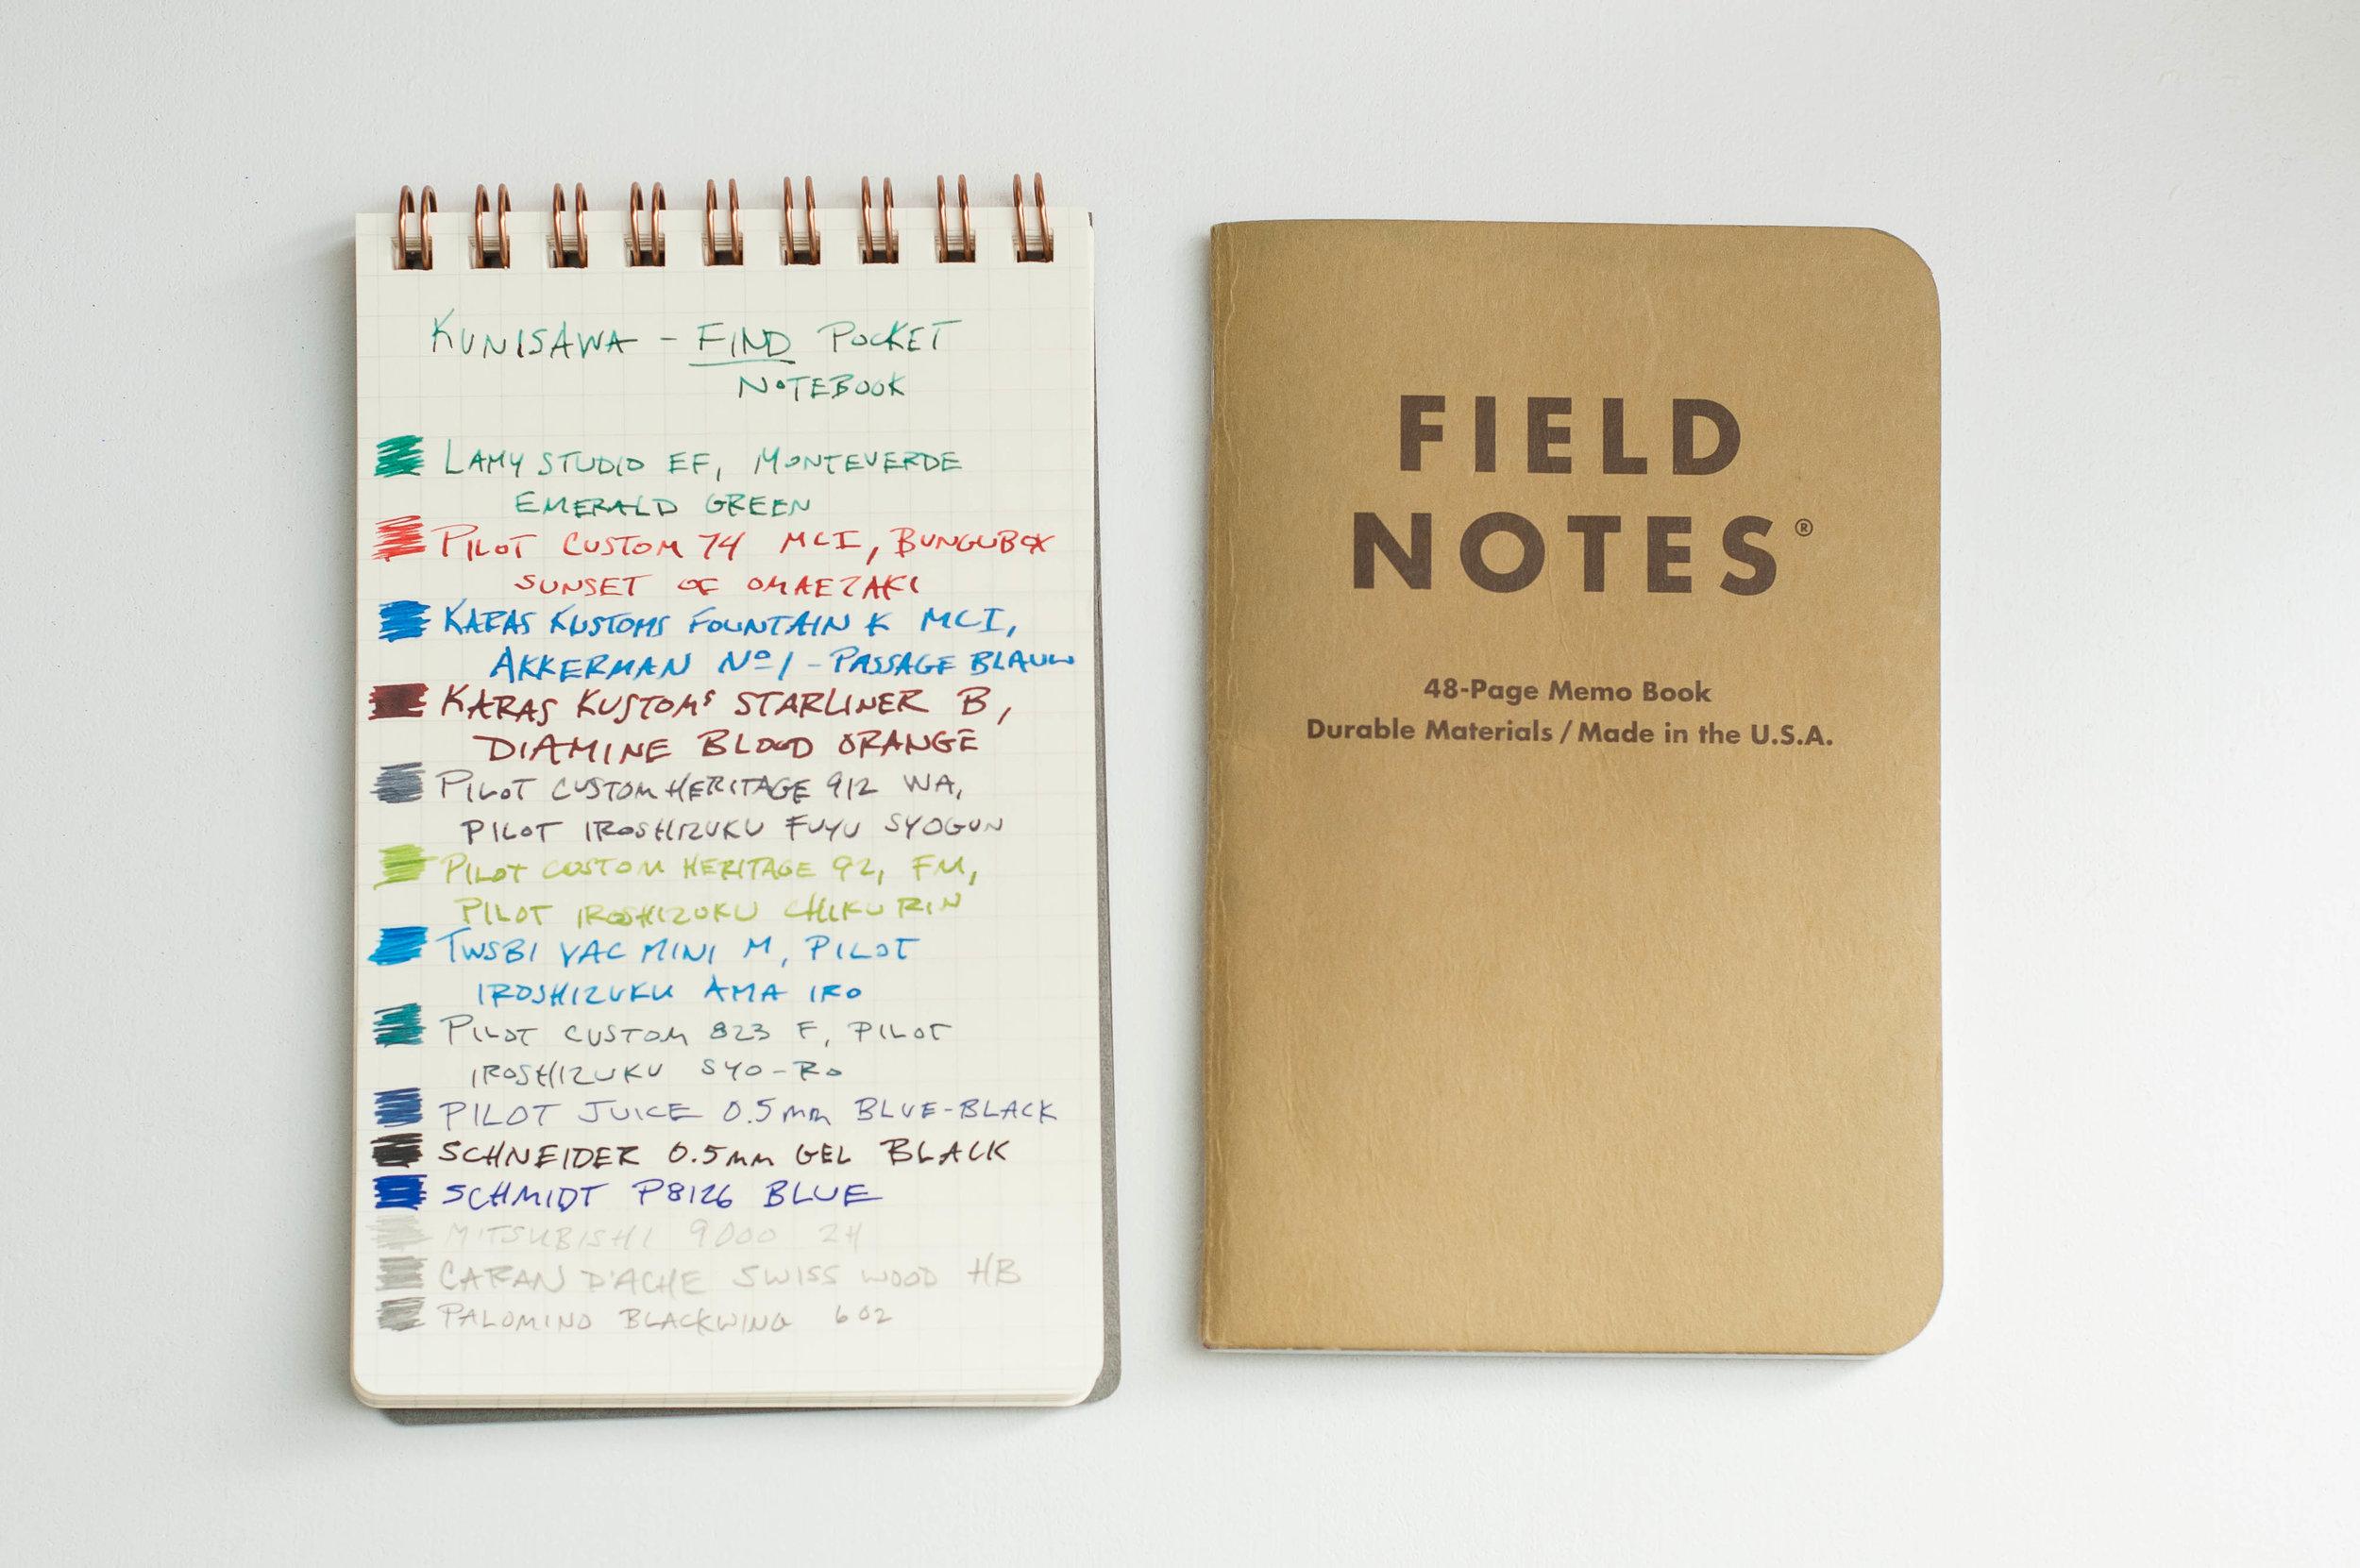 Kunisawa Find Notebook